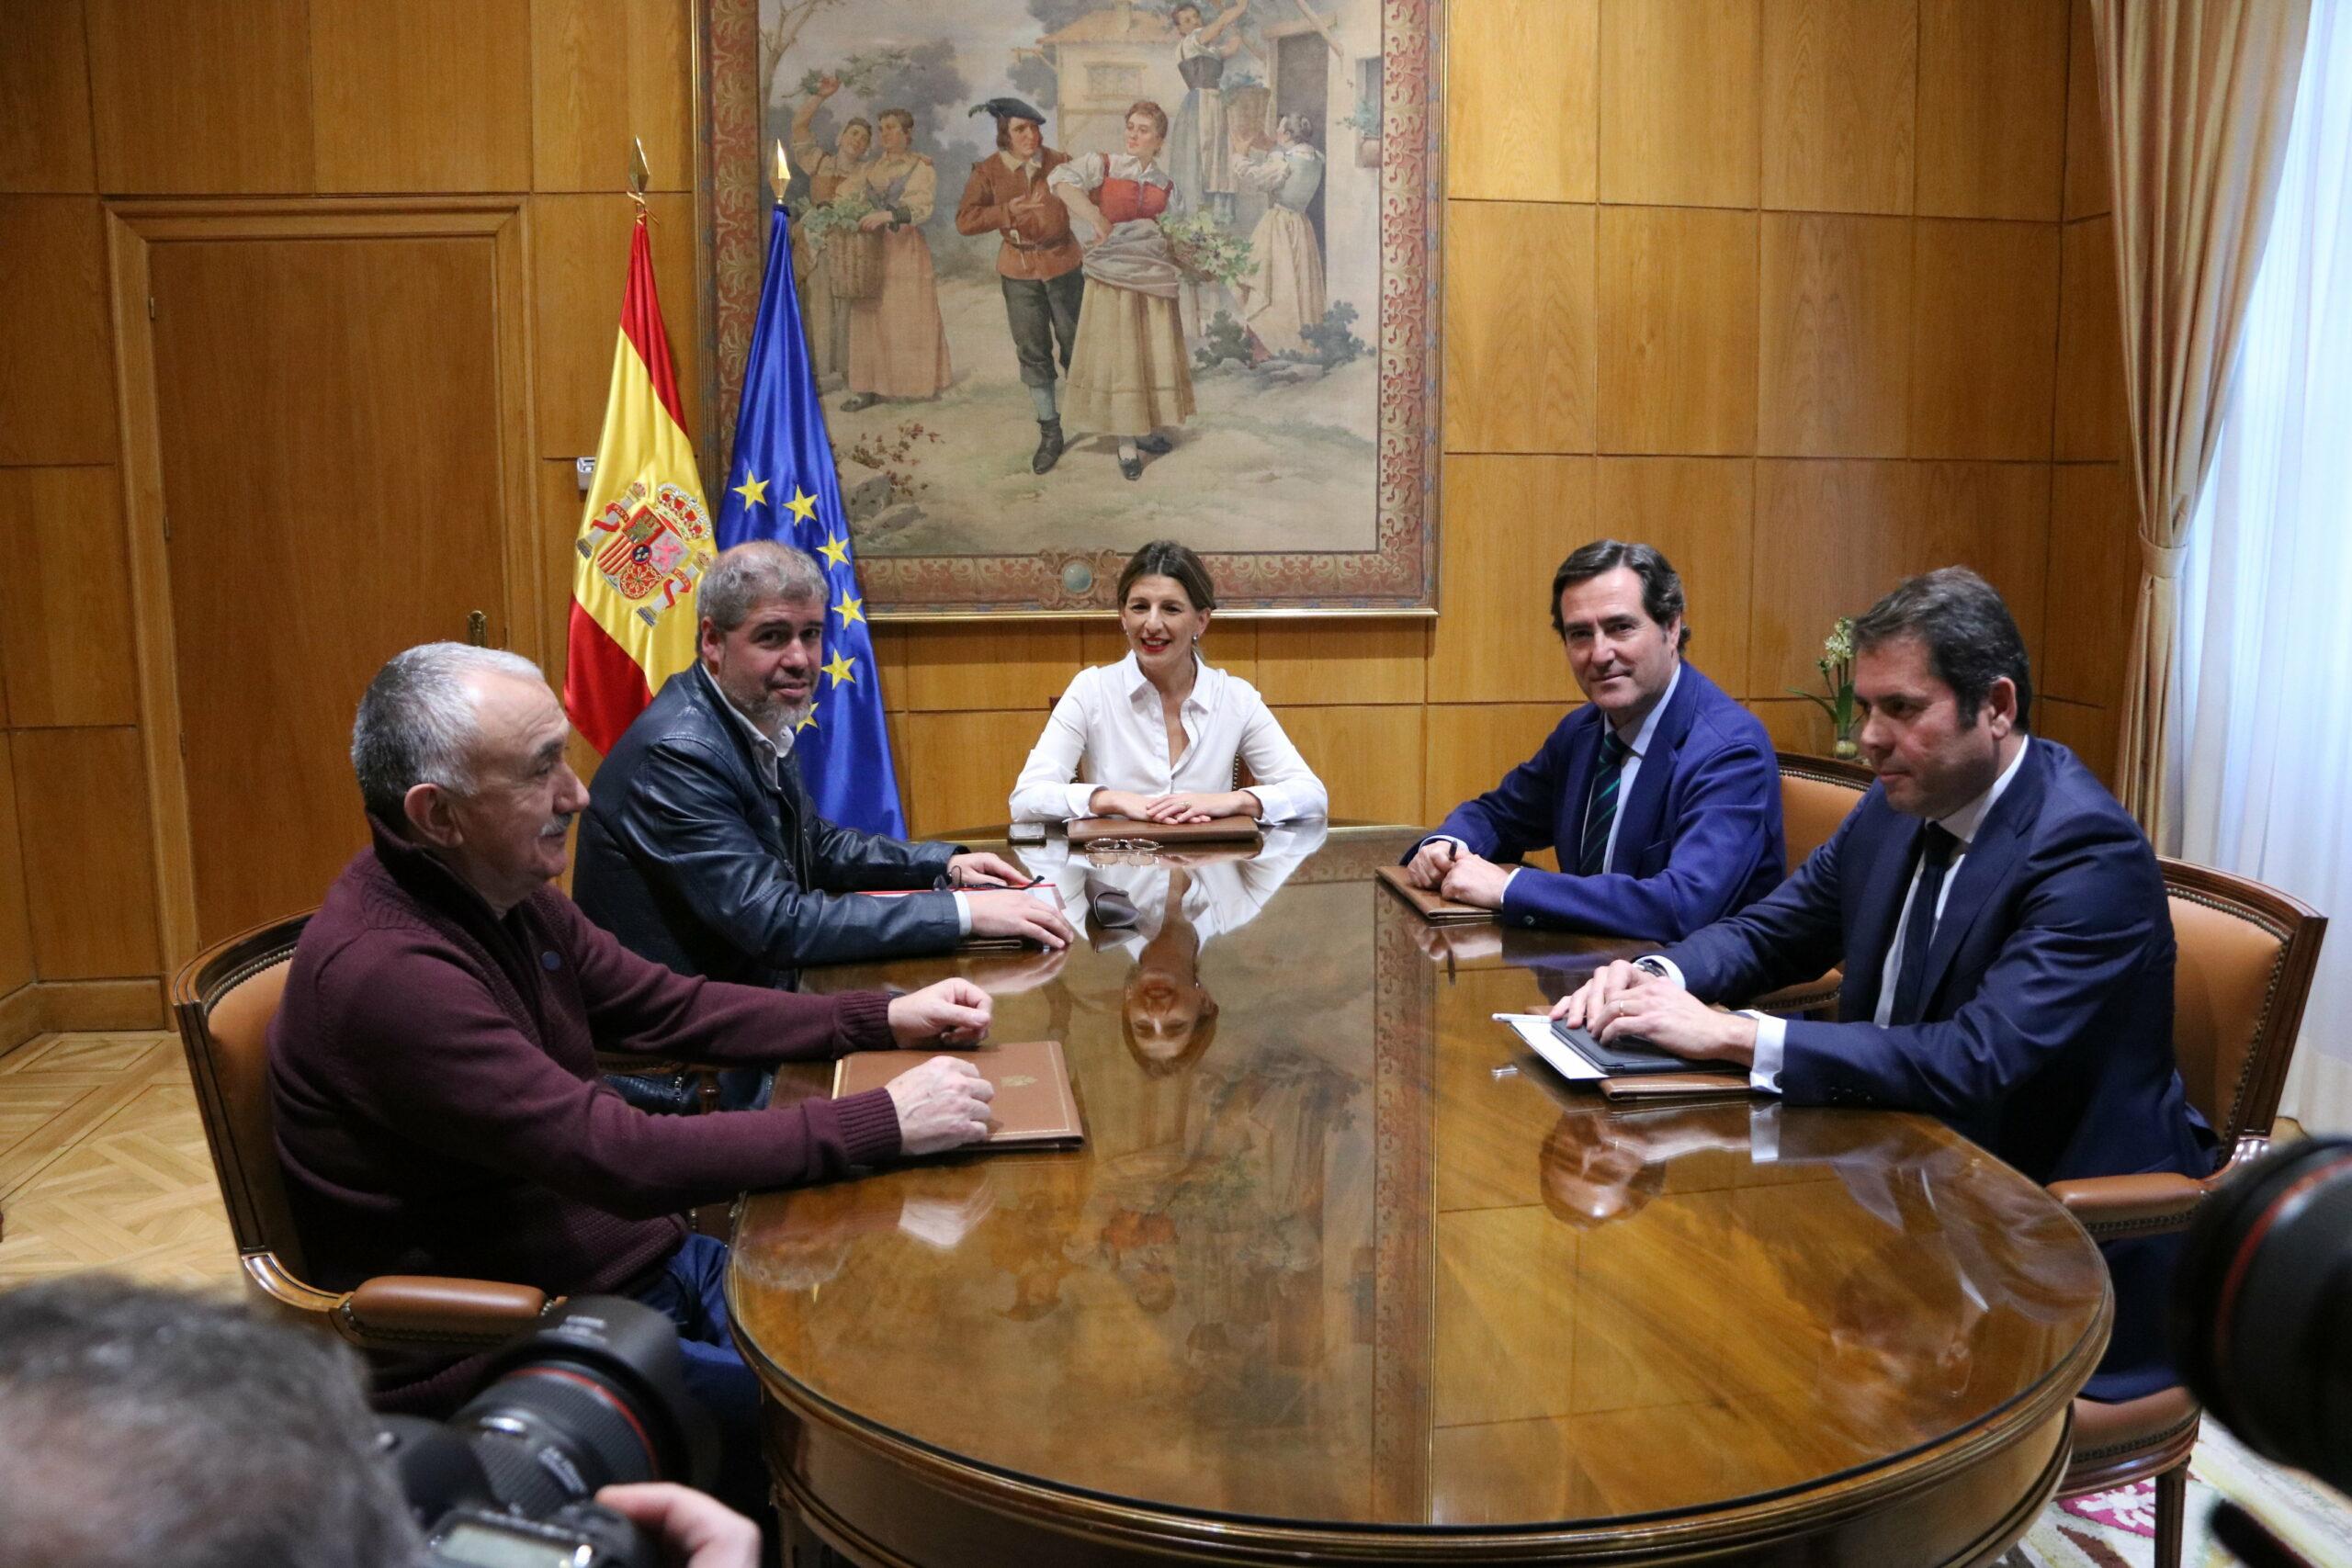 Imatge d'arxiu d'una reunió de la ministra de Treball, Yolanda Díaz, amb els secretaris generals de CCOO i UGT, Unai Sordo i Pepe Álvarez, i els presidents de CEOE i Cepyme, Antonio Garamendi i Gerardo Cuerva | ACN